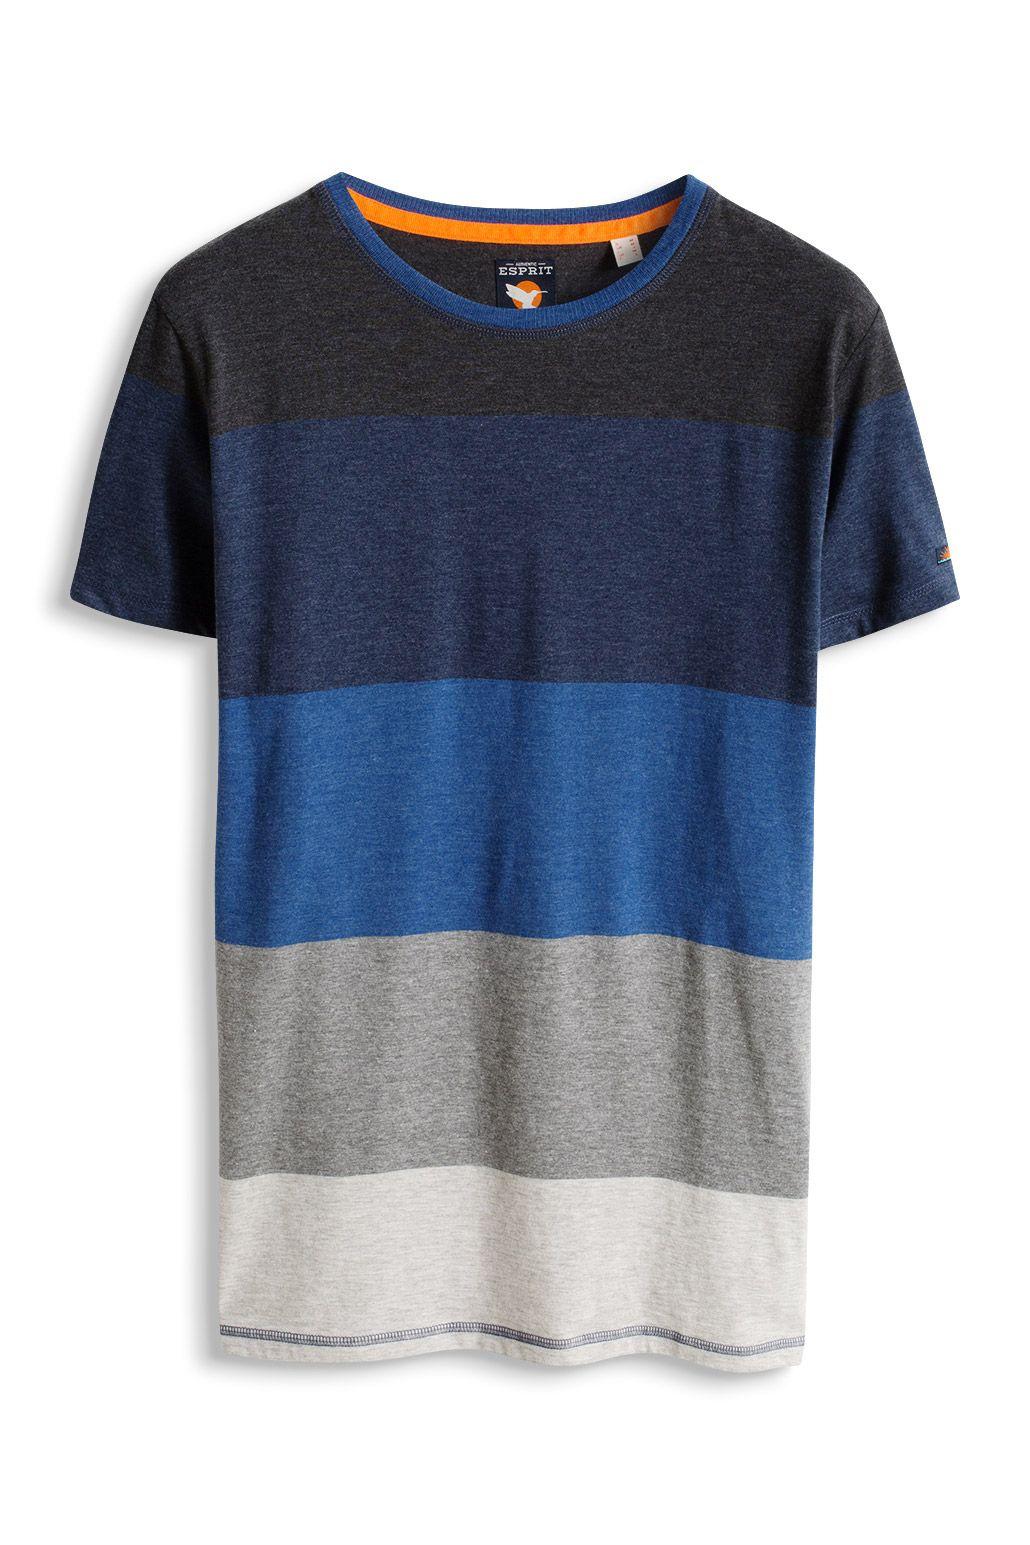 Esprit : T-shirt rayé, en jersey de coton mélangé à acheter sur la Boutique en ligne